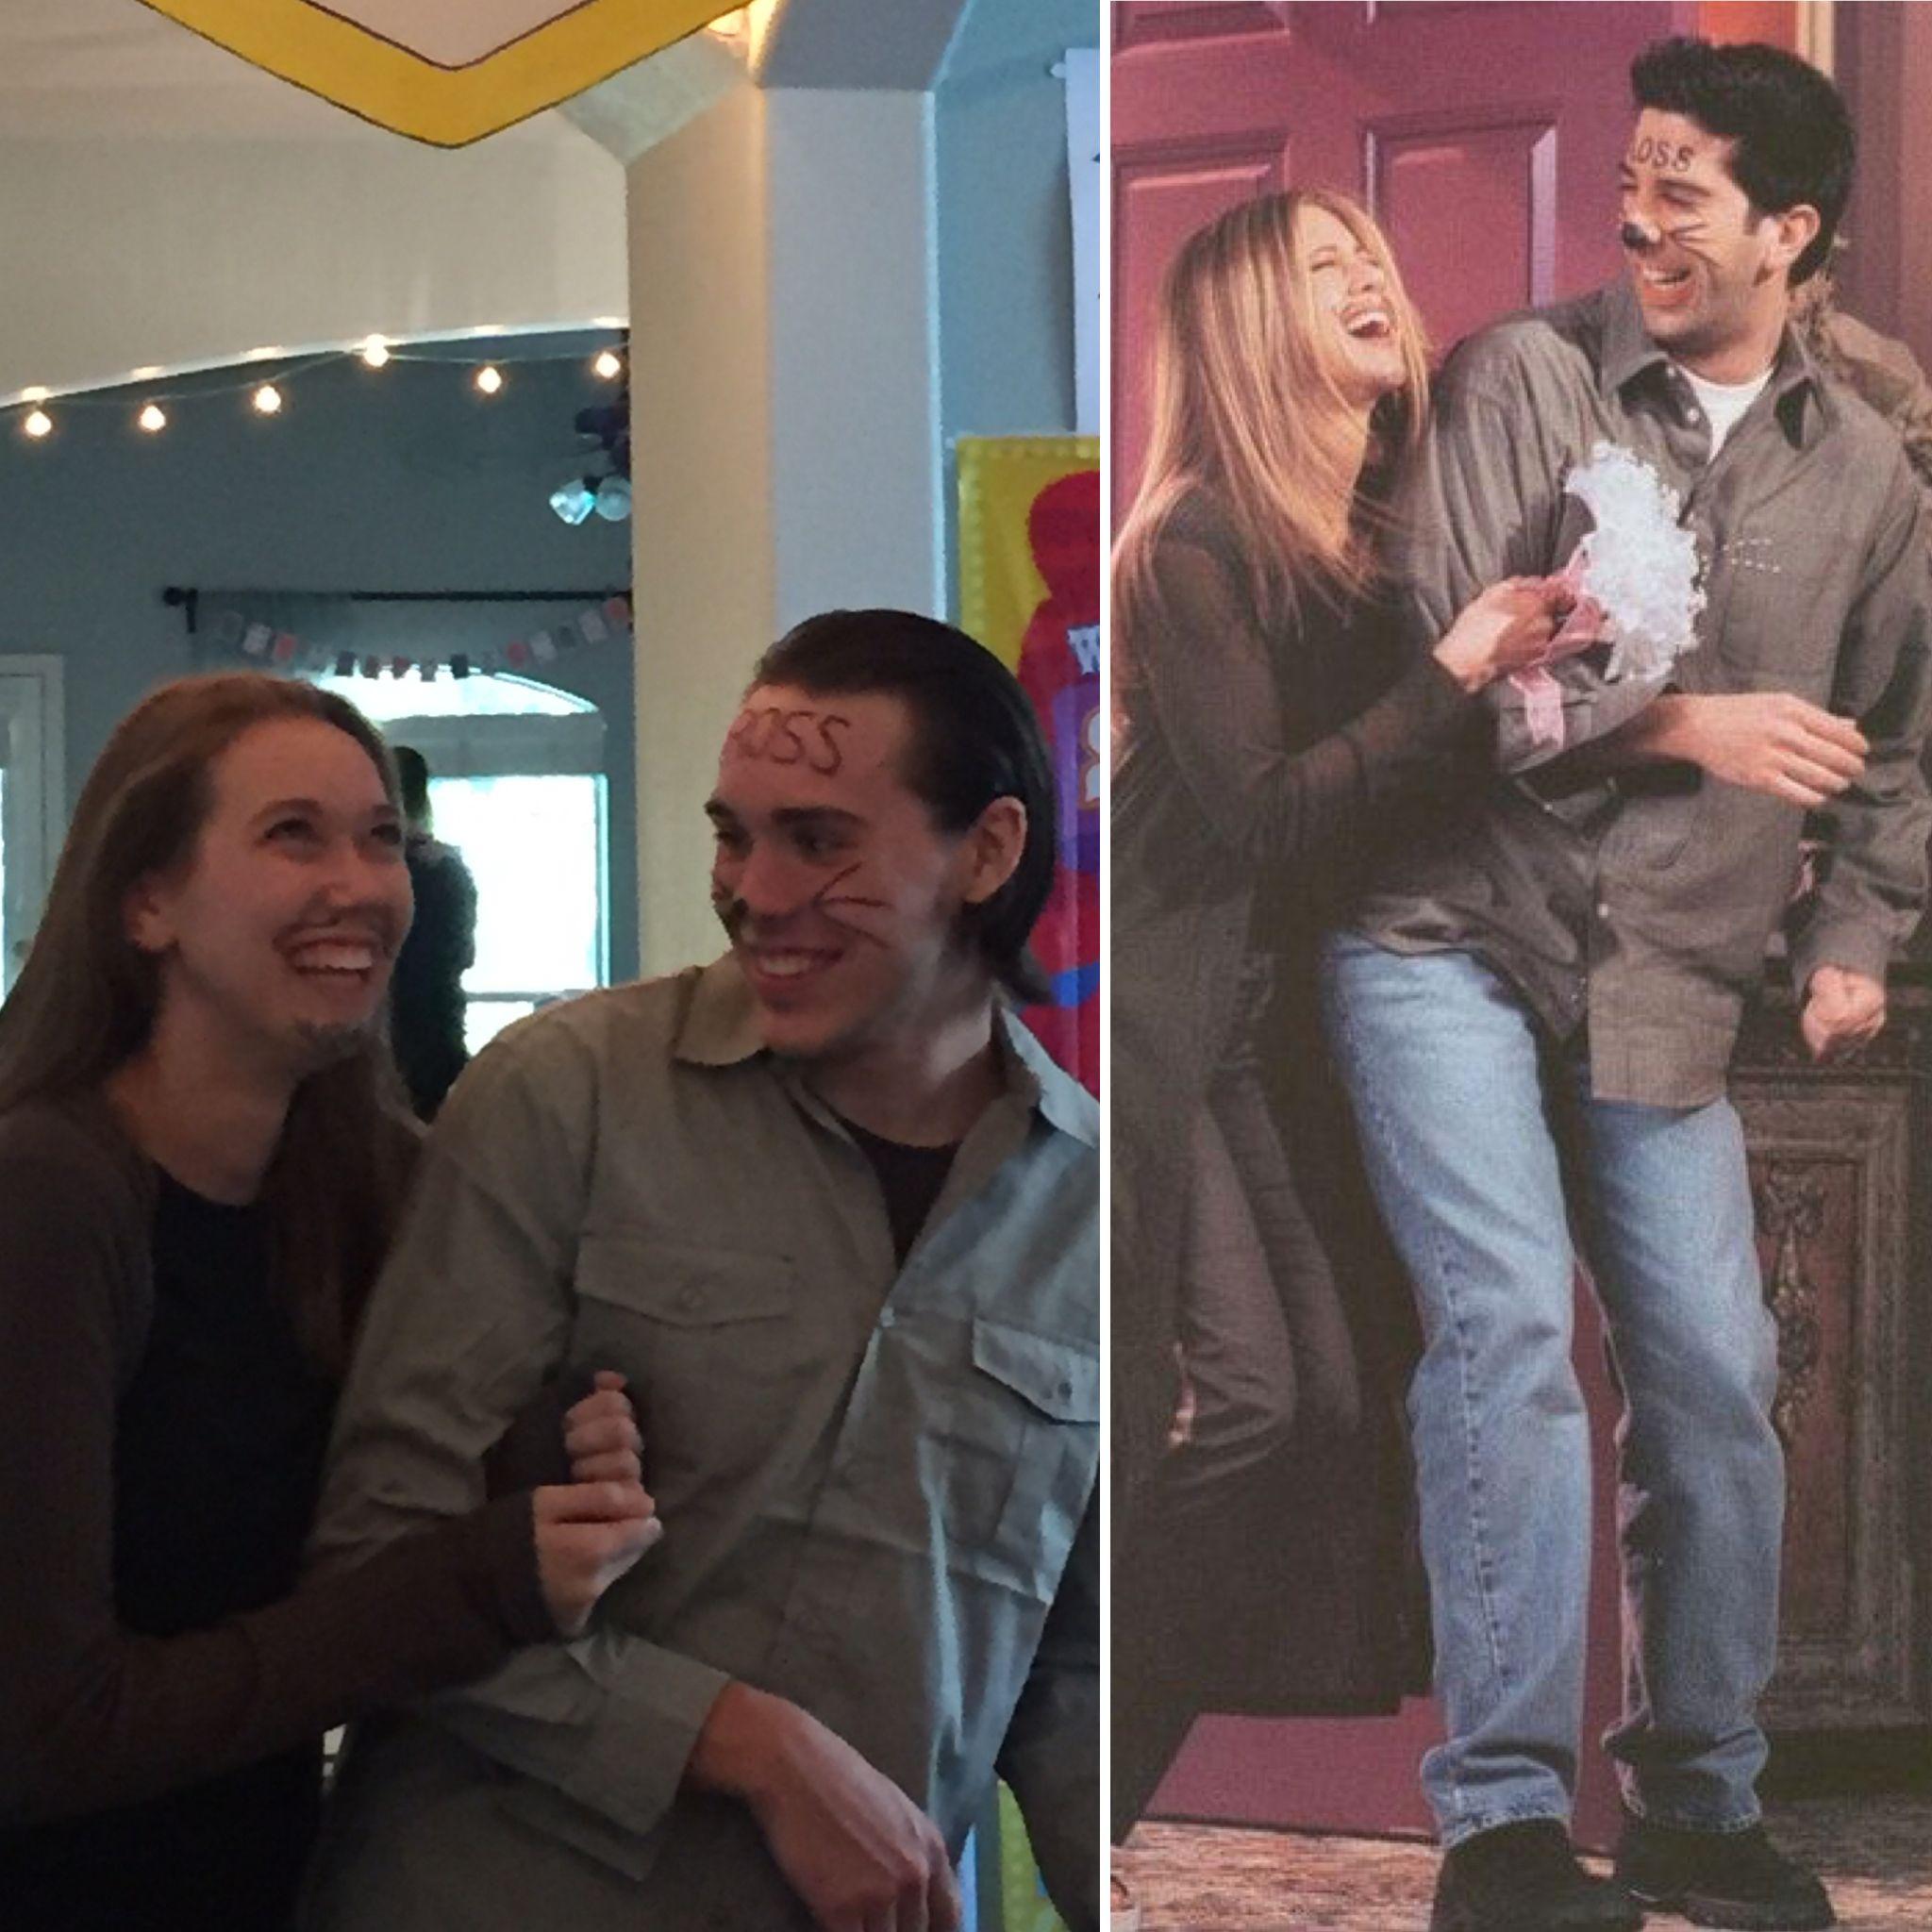 Ross and rachel drunk in vegas couples costume halloween